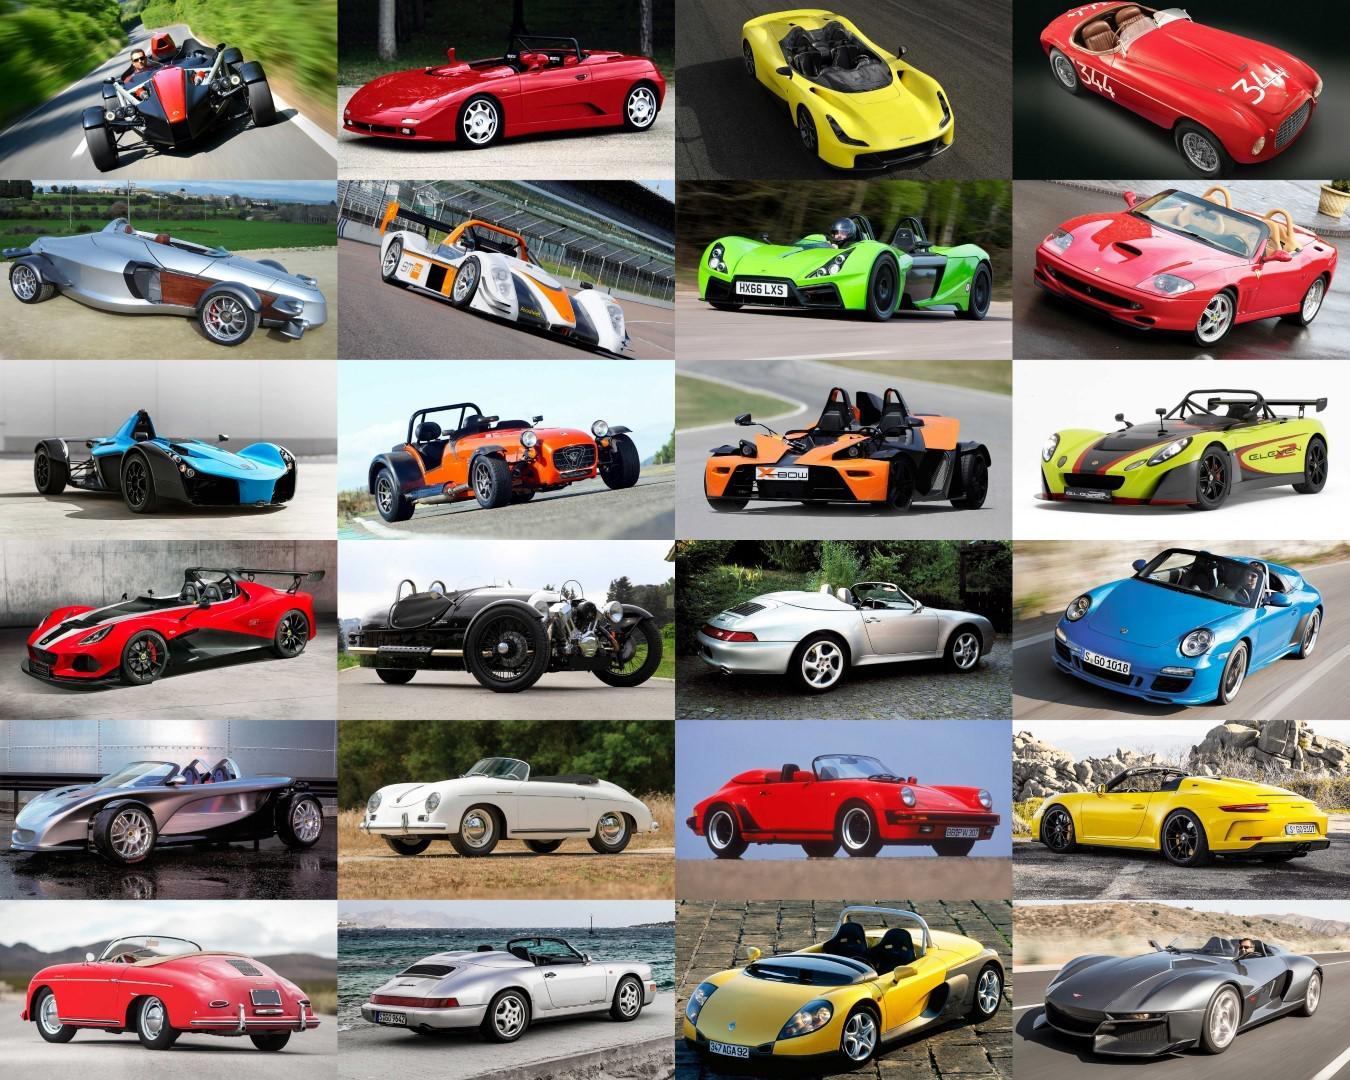 mode-supercars-sans-pare-brise-speedsters-et-barchettes-1154-5.jpg